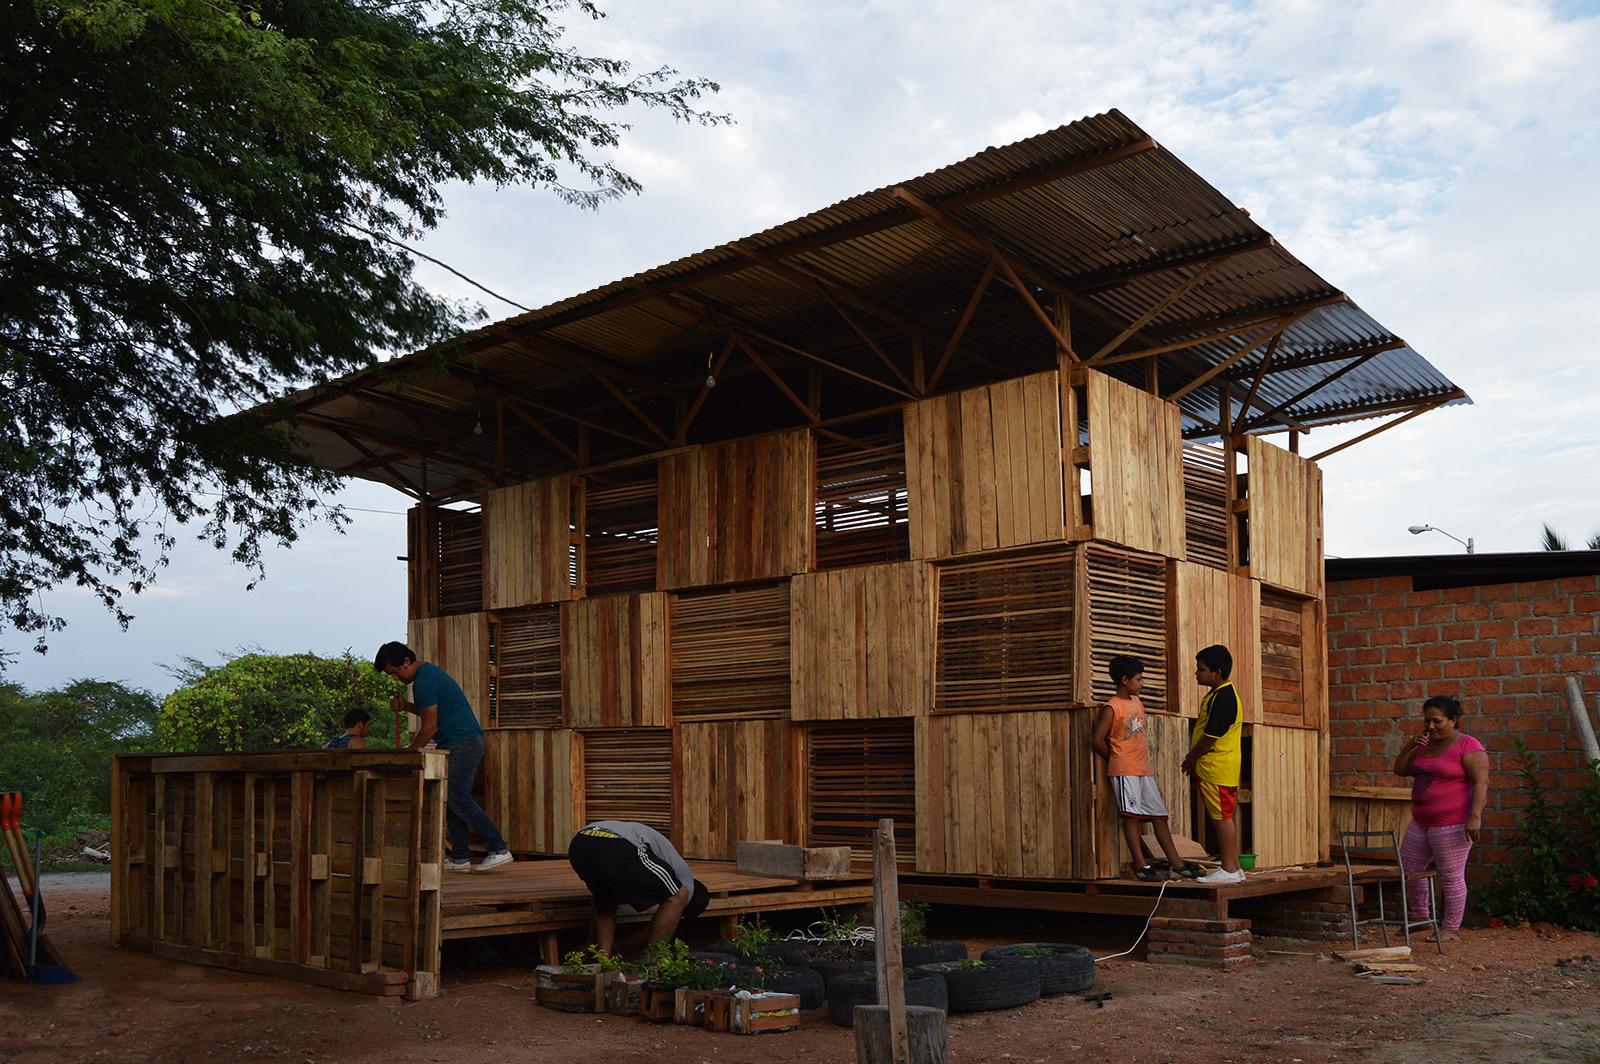 Chacras project natura futura arquitectura colectivo for Vivienda arquitectura